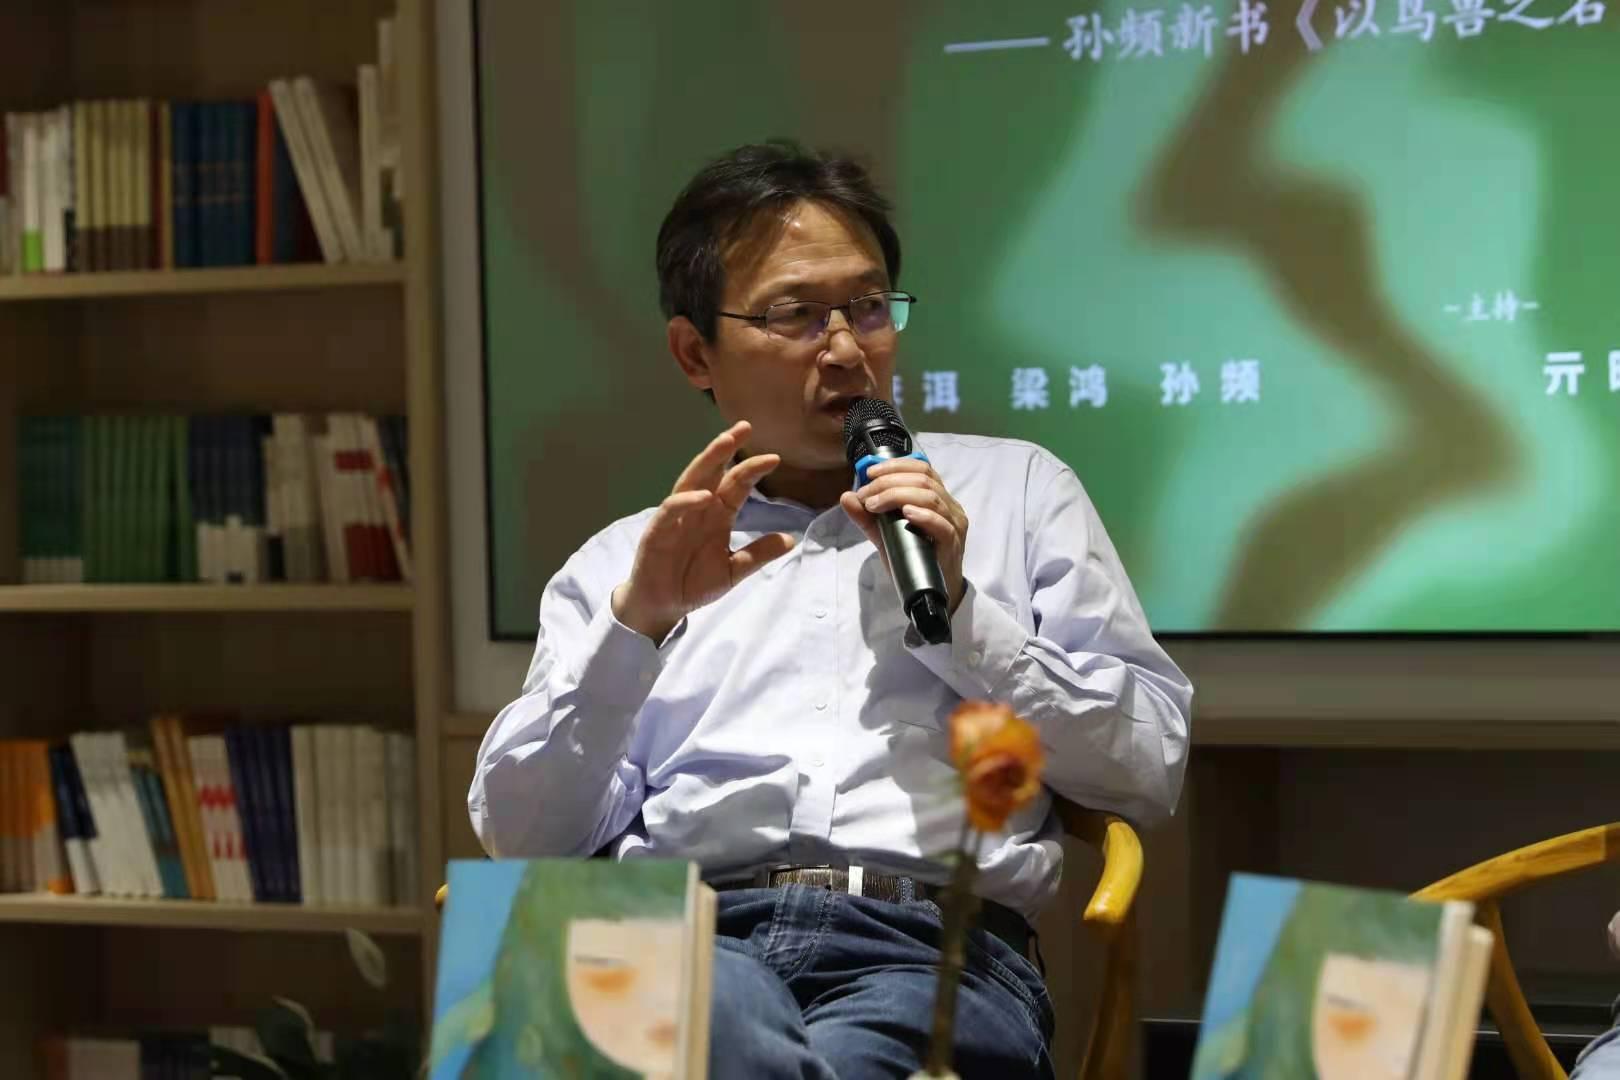 青年作家孙频转型之作《以鸟兽之名》上市,一部具有《桃花源记》遗风的作品-出版人杂志官网